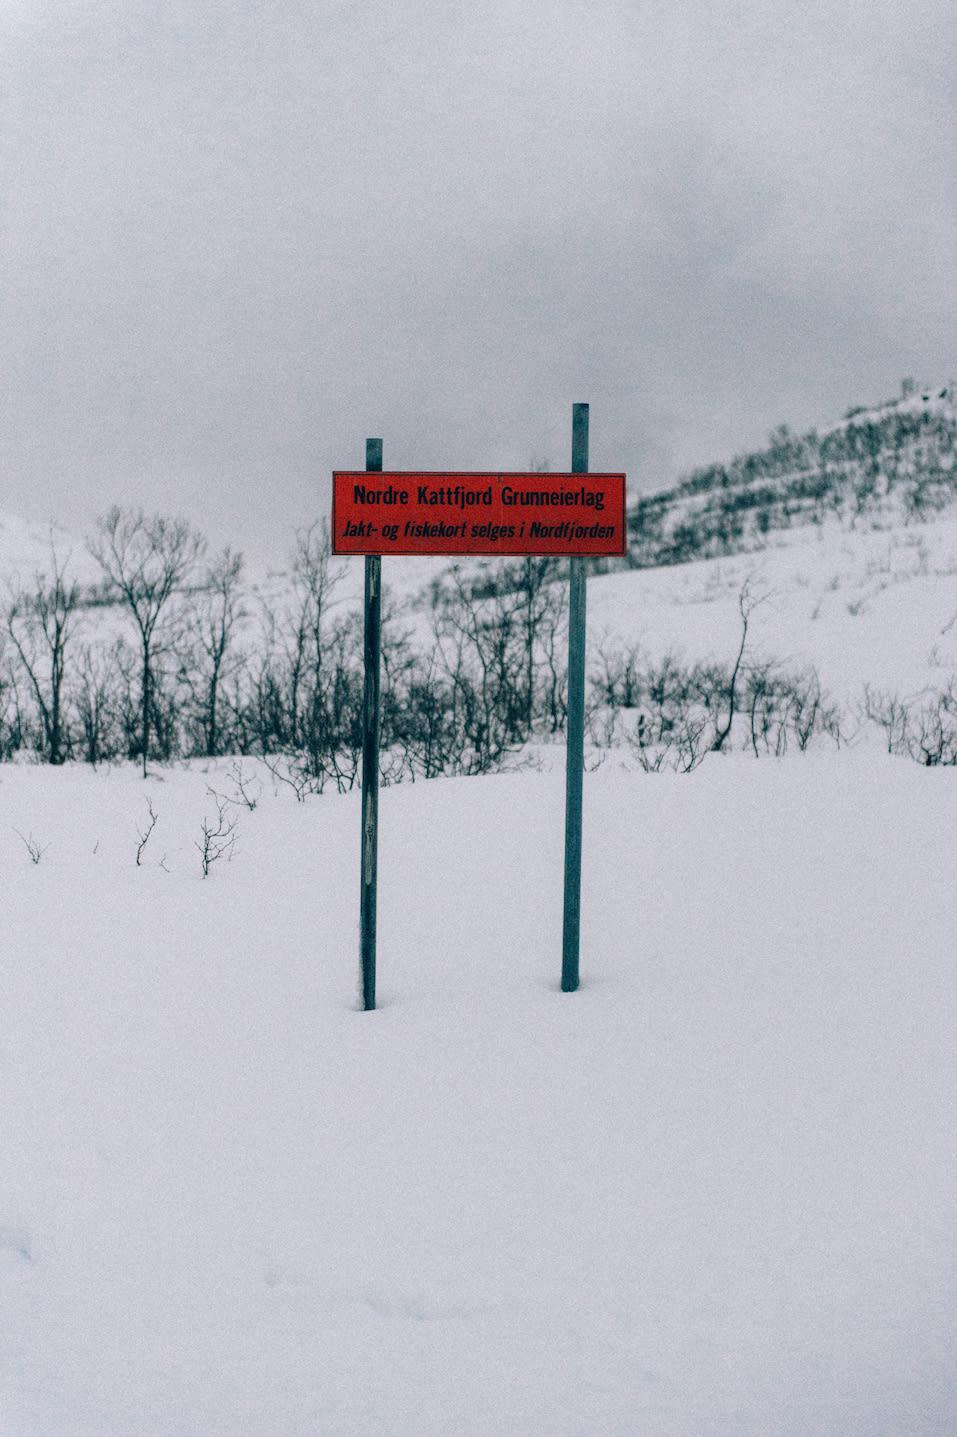 PÅ PLASS: Vesentlig skilting. Foto: Sjur Melsås